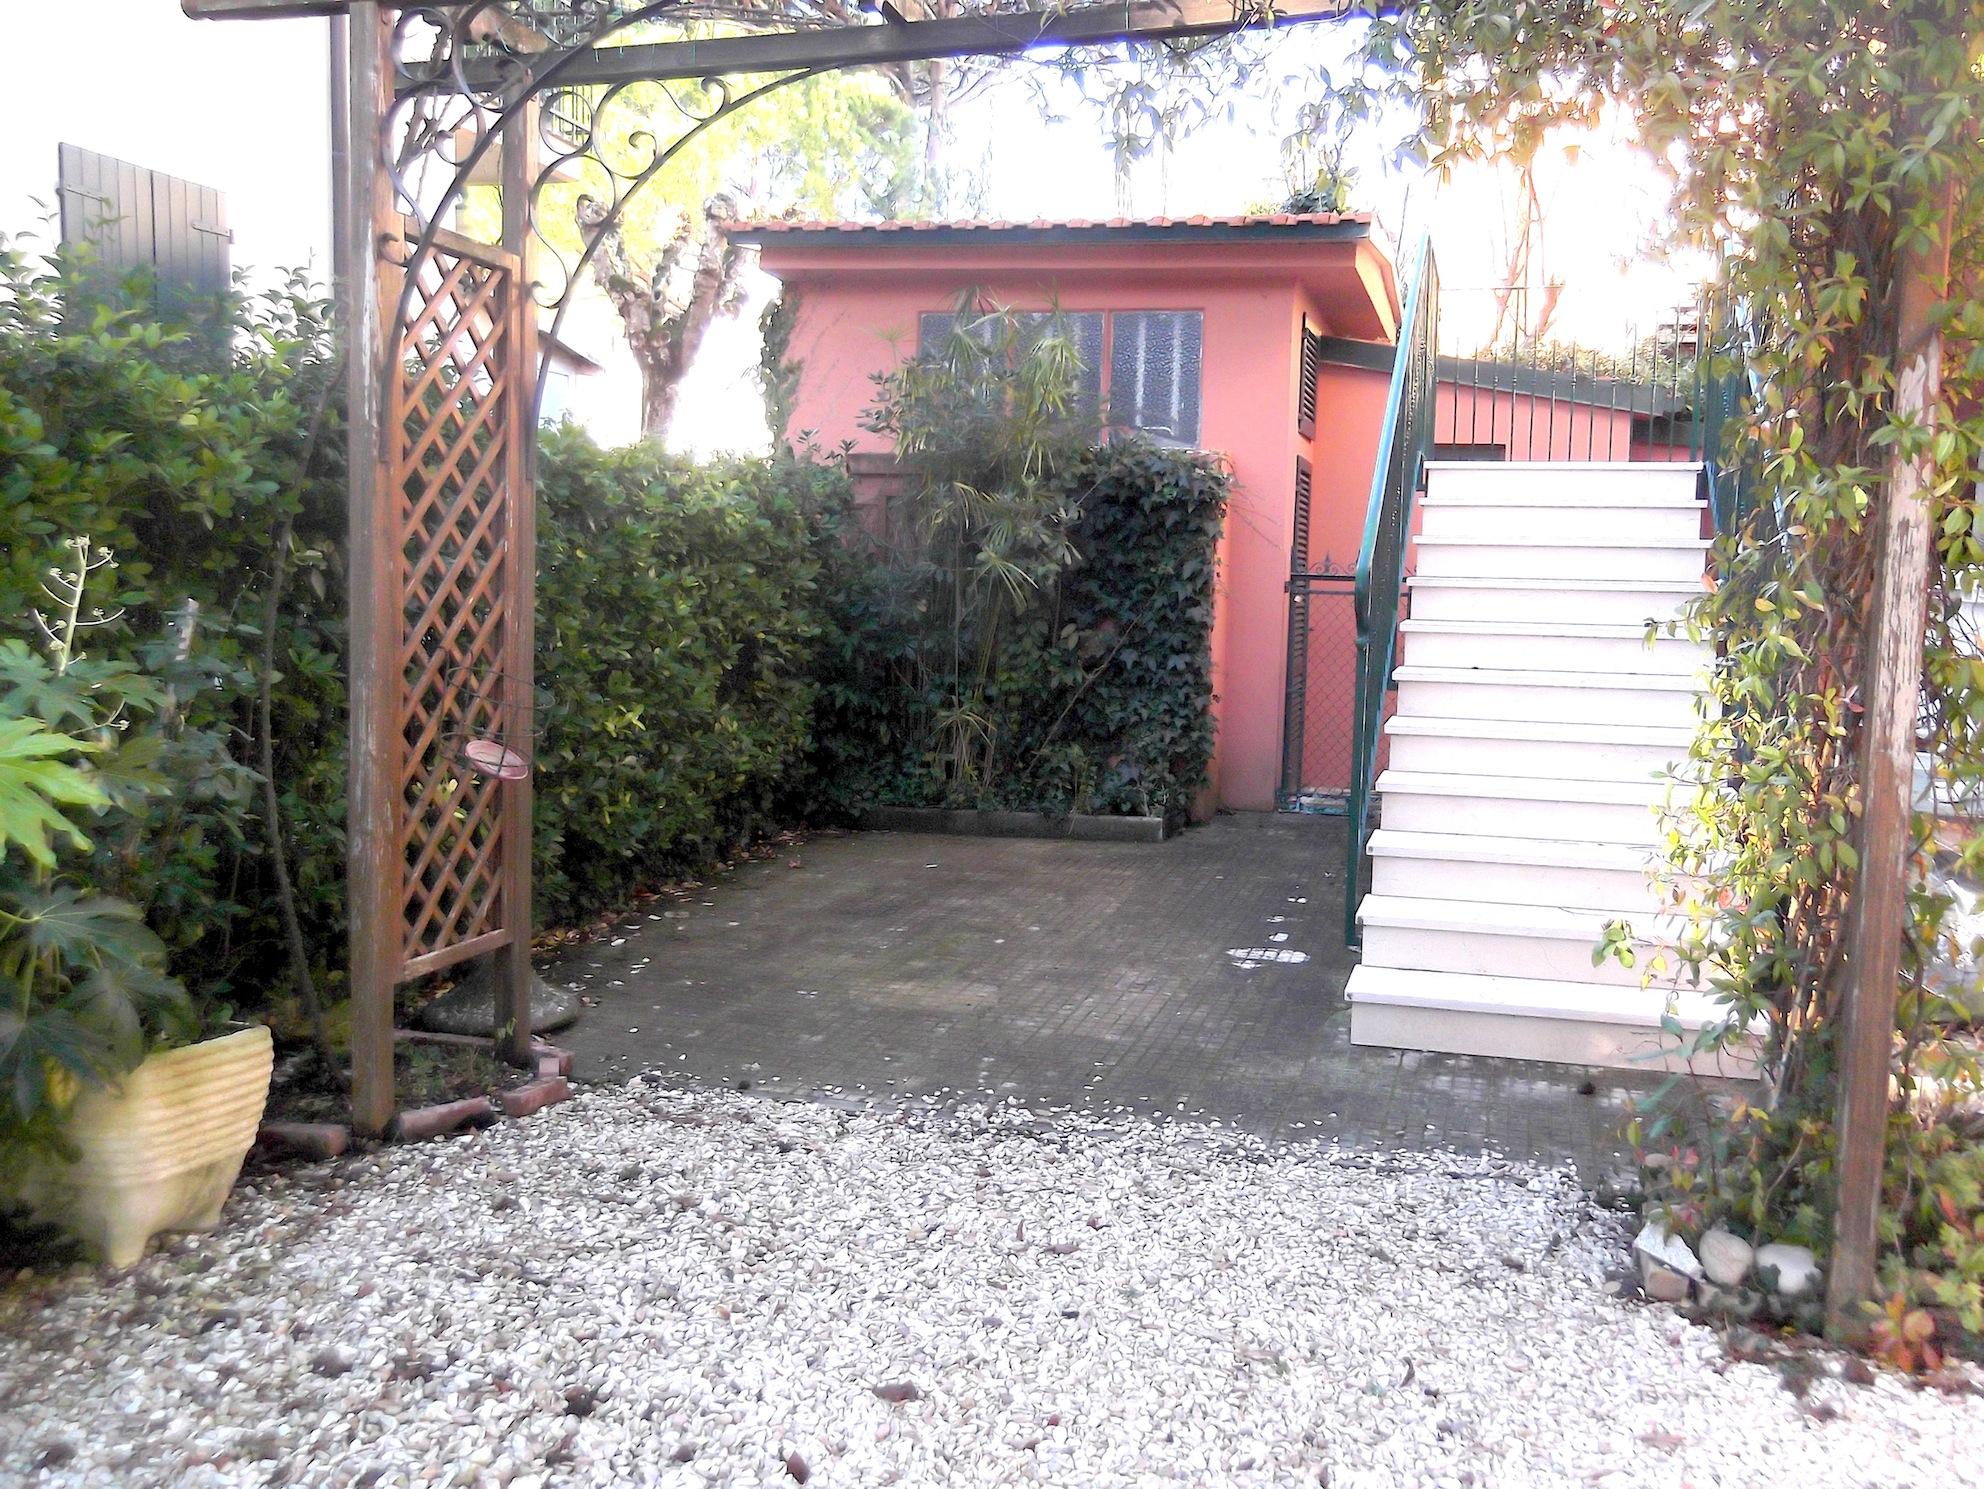 RICCIONE ABISSINIA, Appartamento in affitto stagionale con 3 camere, giardino